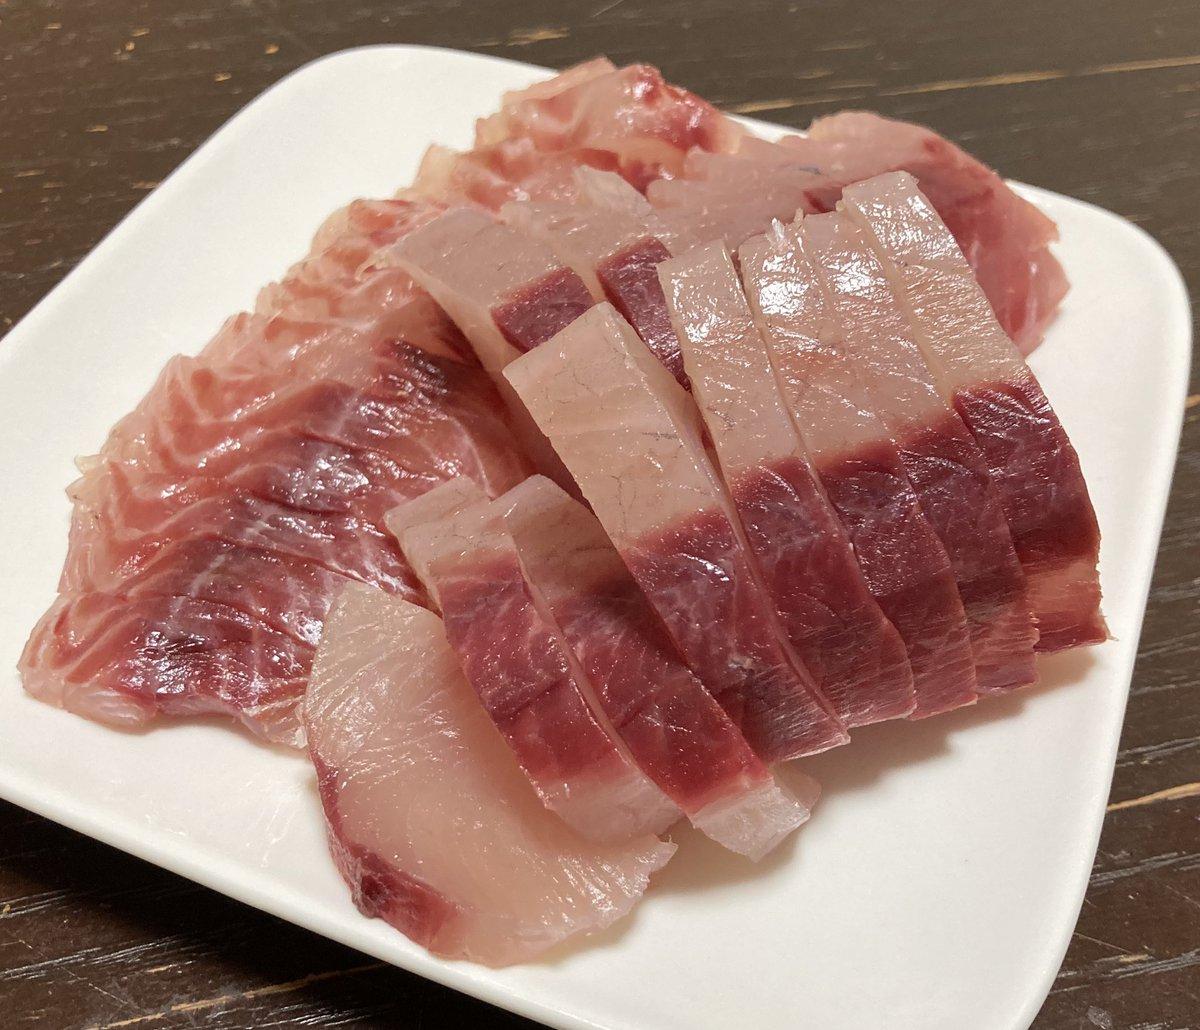 test ツイッターメディア - 隠岐のママ友からお魚送ってもらった✨ ブリ、サバ、イサキ、マトウダイ、スズキを分けてもらって、先ずはブリのお刺身とイサキの昆布〆、マトウダイの昆布〆with肝……!! うーまーいーーー‼️😳‼️ 昆布〆やばいやつだ。肝と合わせて素晴らしい✨ 日本酒は屋守の純米をロックで🍶 こちらも美味しい! https://t.co/R7mRbrJcbG